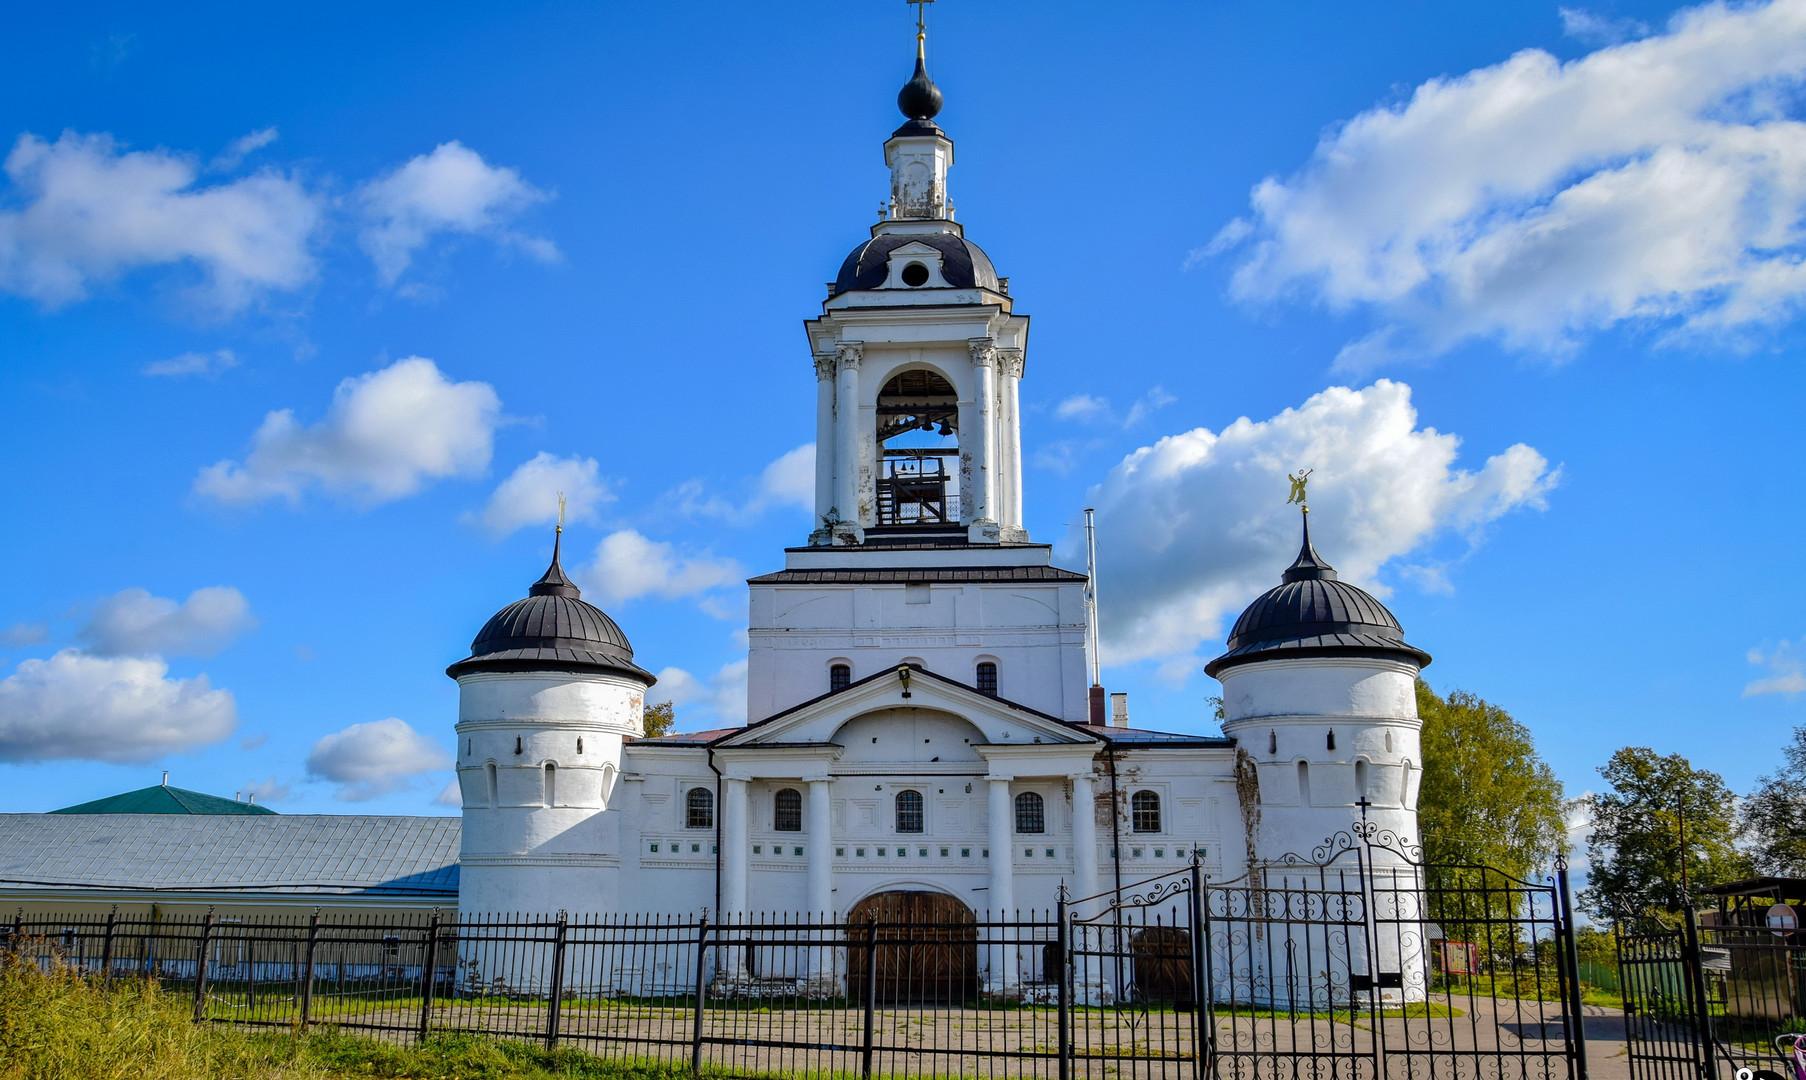 Богоявленский Авраамиев монастырь, Ростов